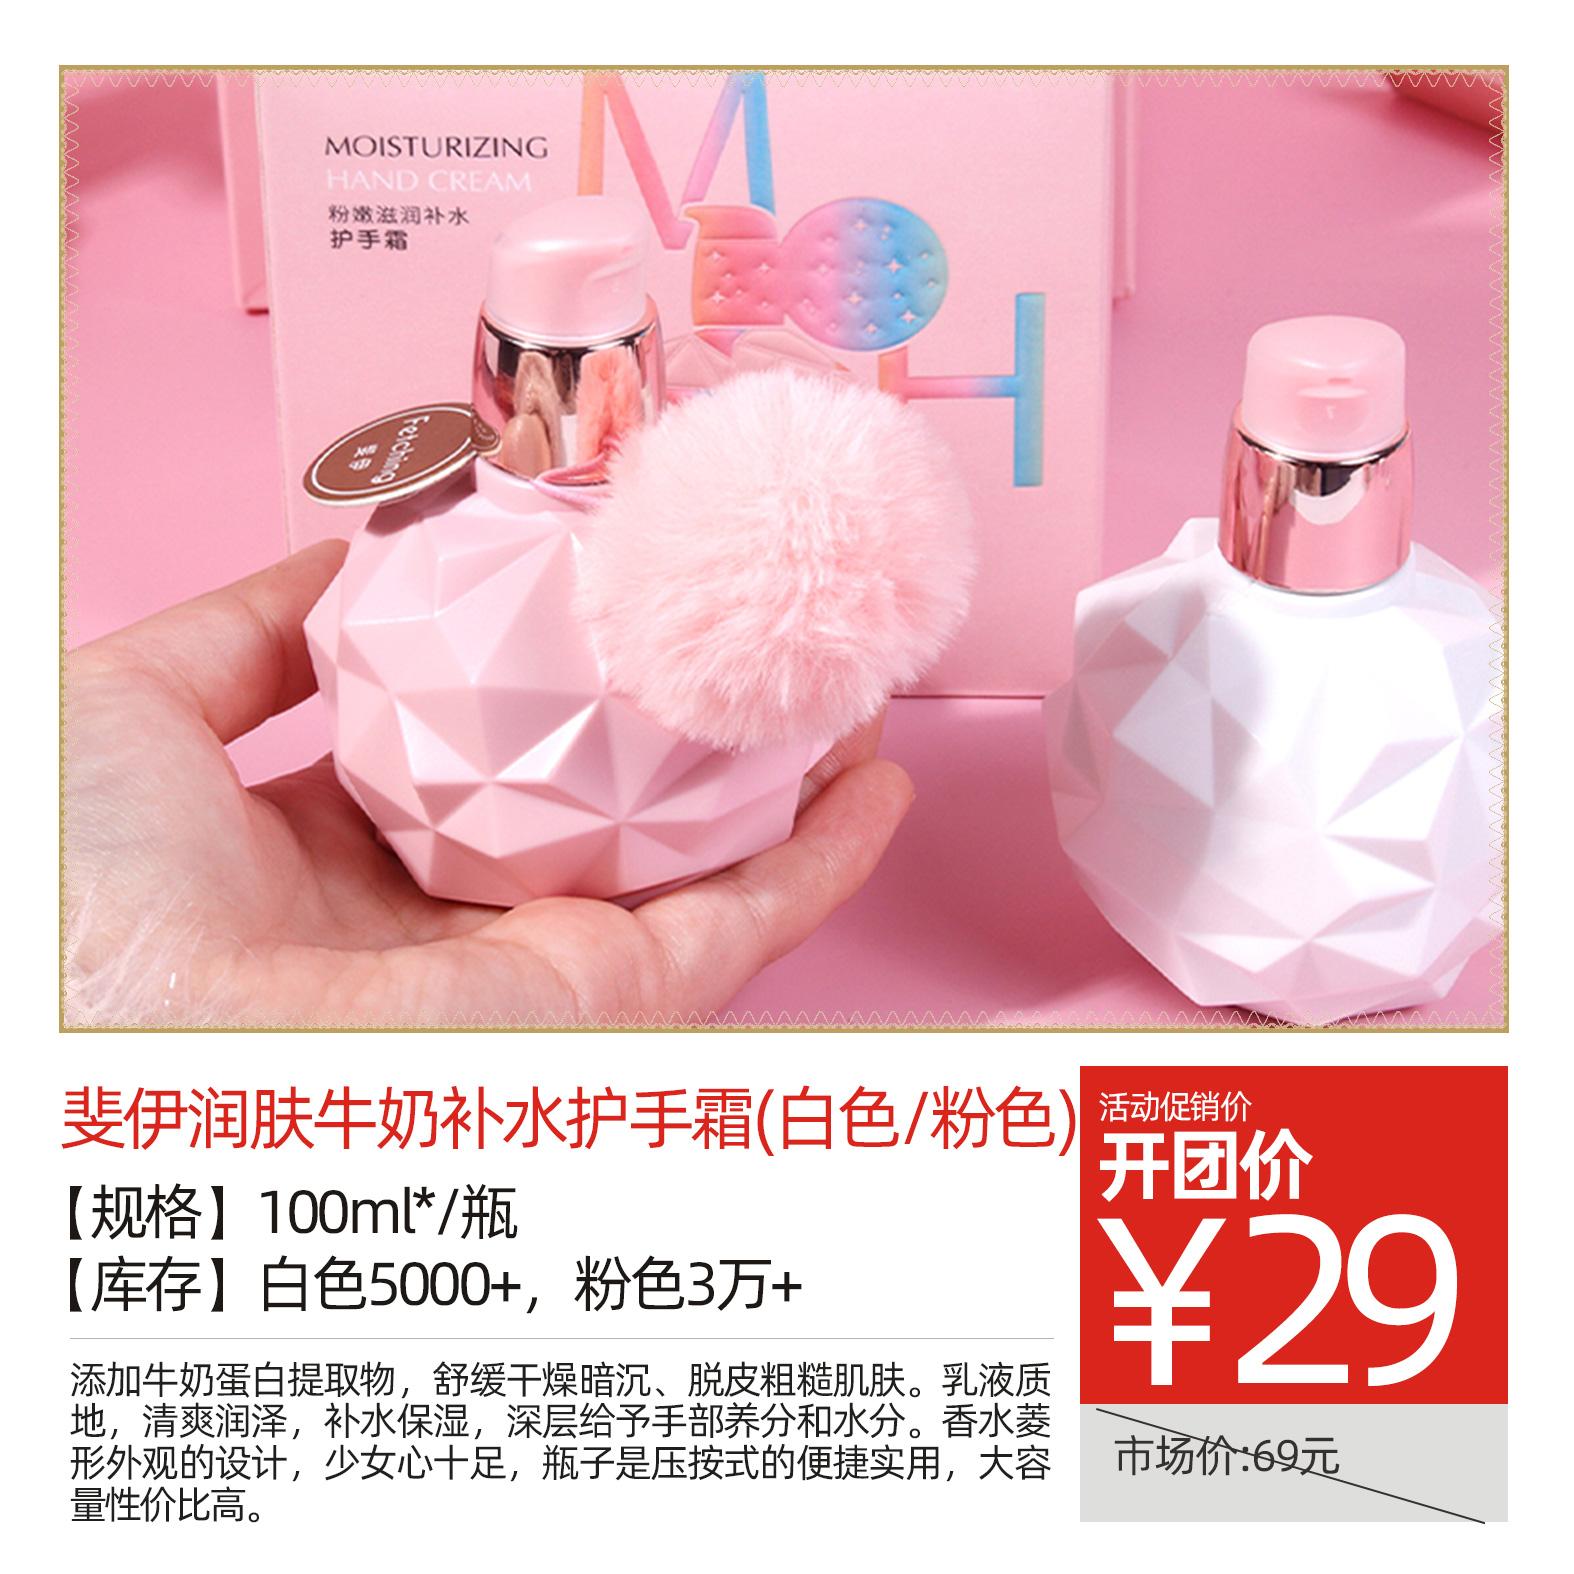 斐伊润肤牛奶补水护手霜白色/粉色